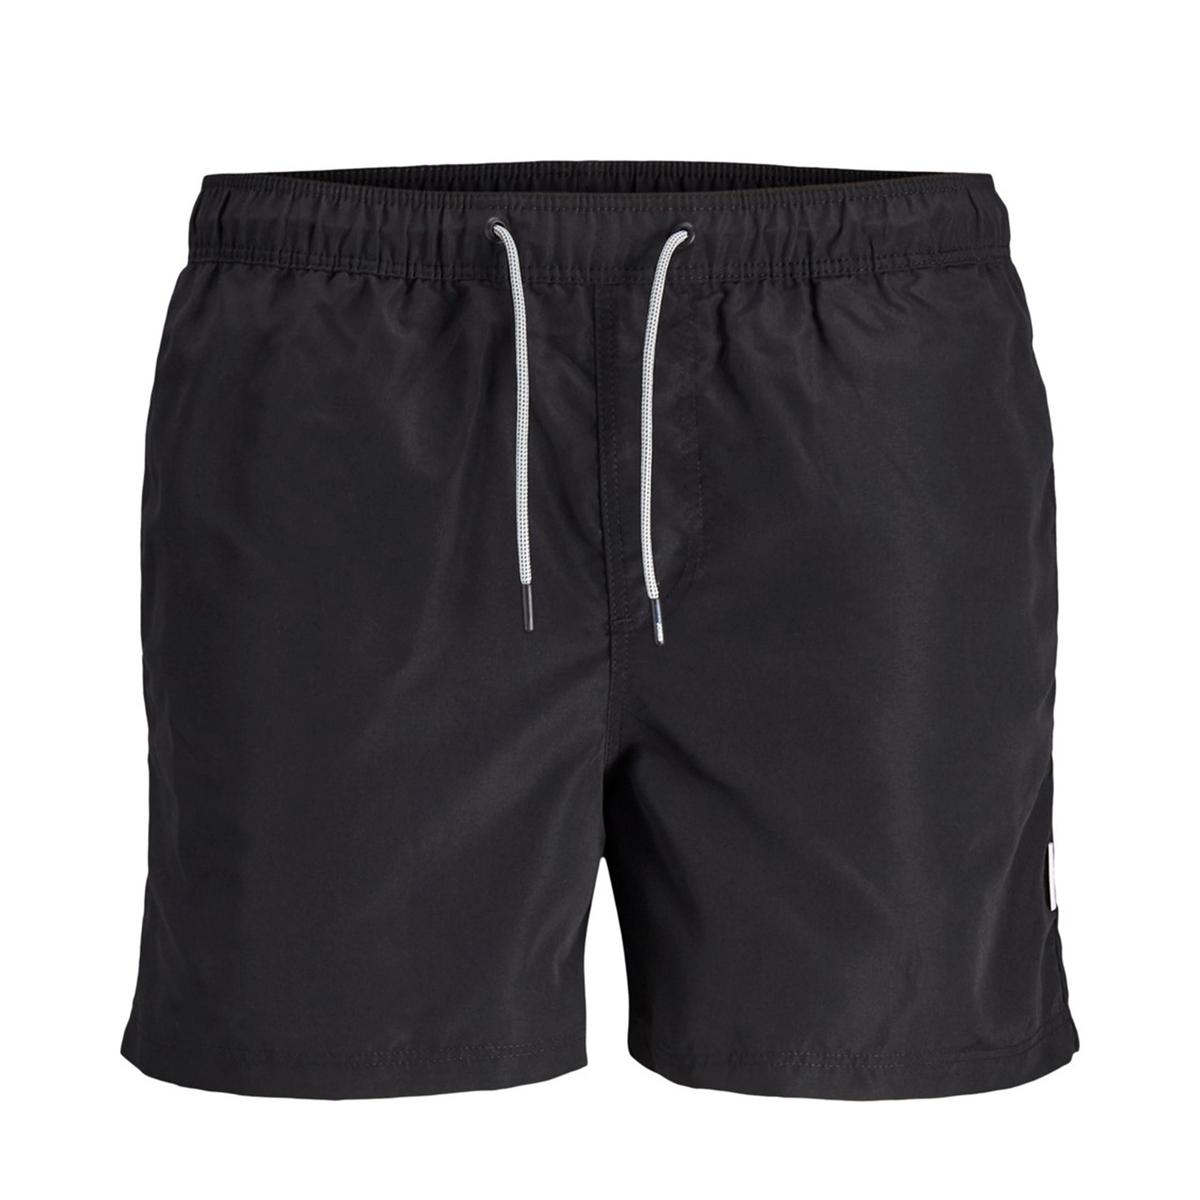 Шорты La Redoute Пляжные L черный шорты la redoute пляжные с рисунком 10 лет 138 см черный